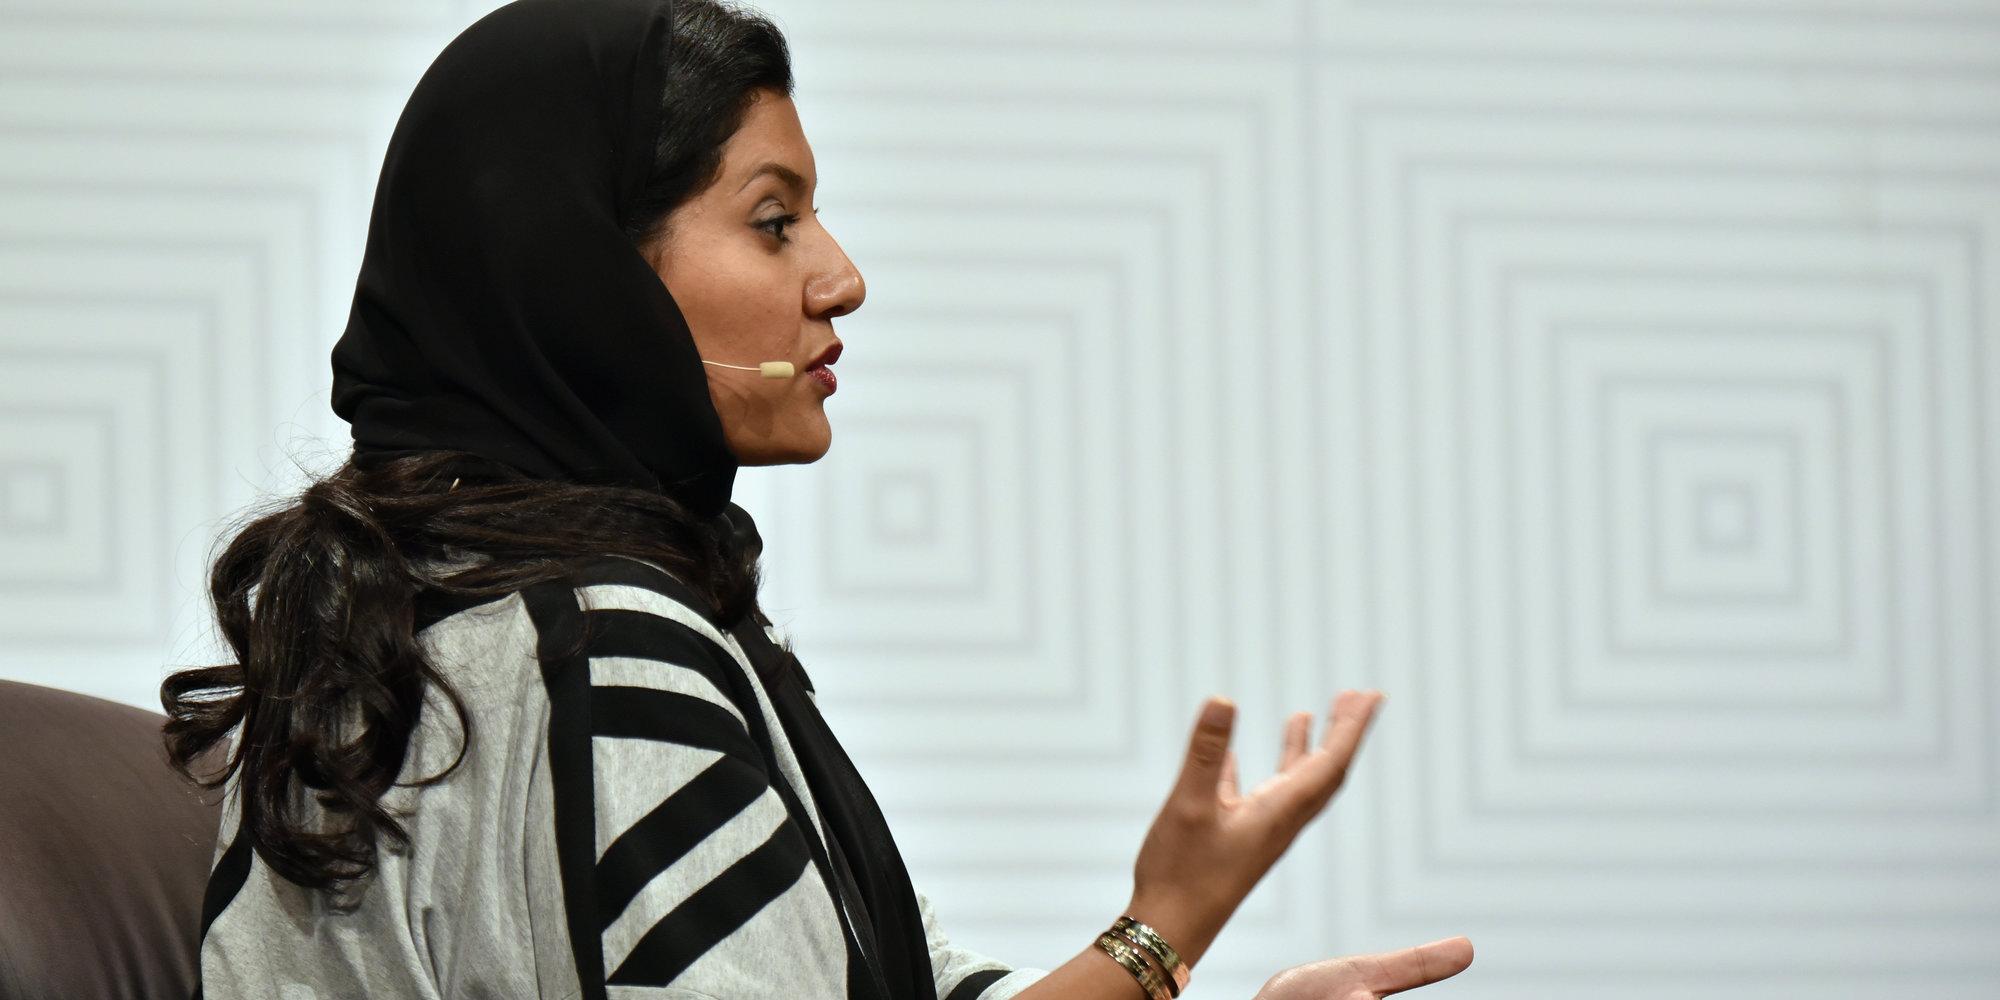 الأميرة ريما بنت بندر تفتح باب المناصب القيادية أمام السعوديات قناة الغد